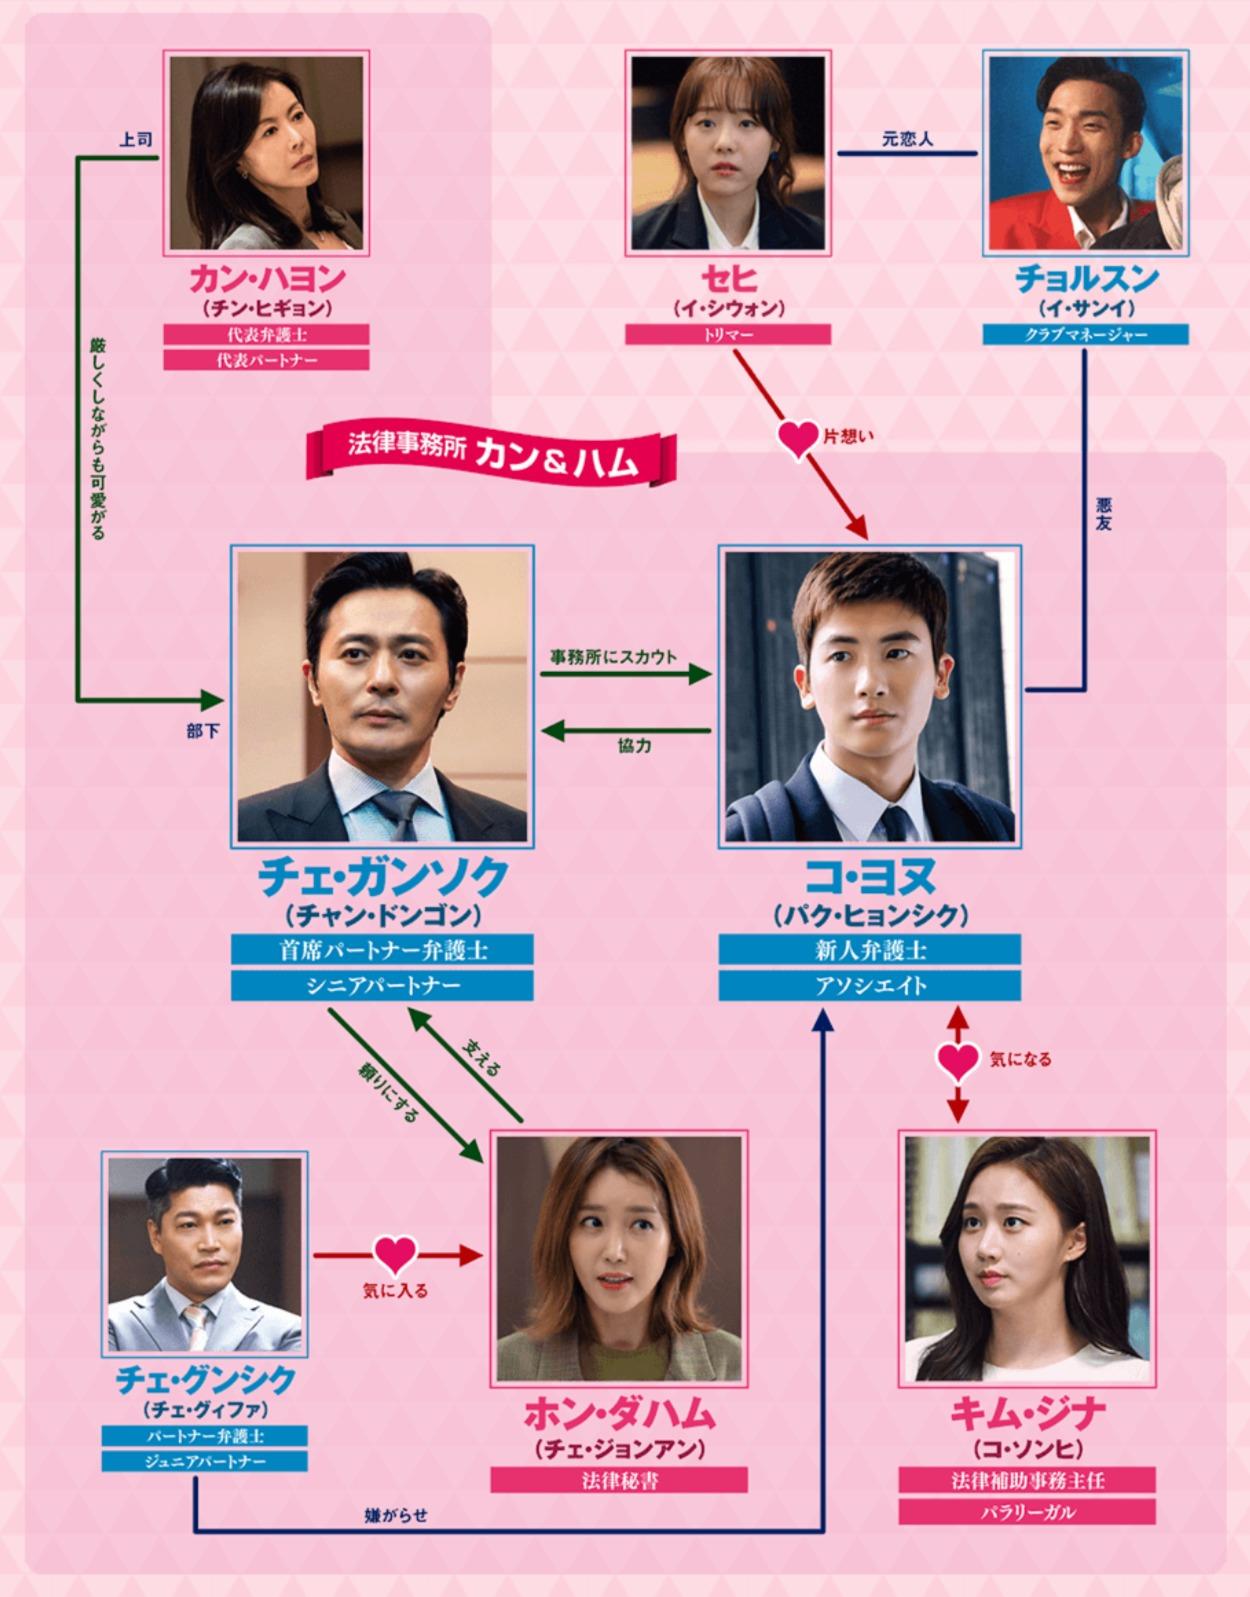 韓国ドラマ『SUITS/スーツ~運命の選択~』登場人物相関図(関係図)